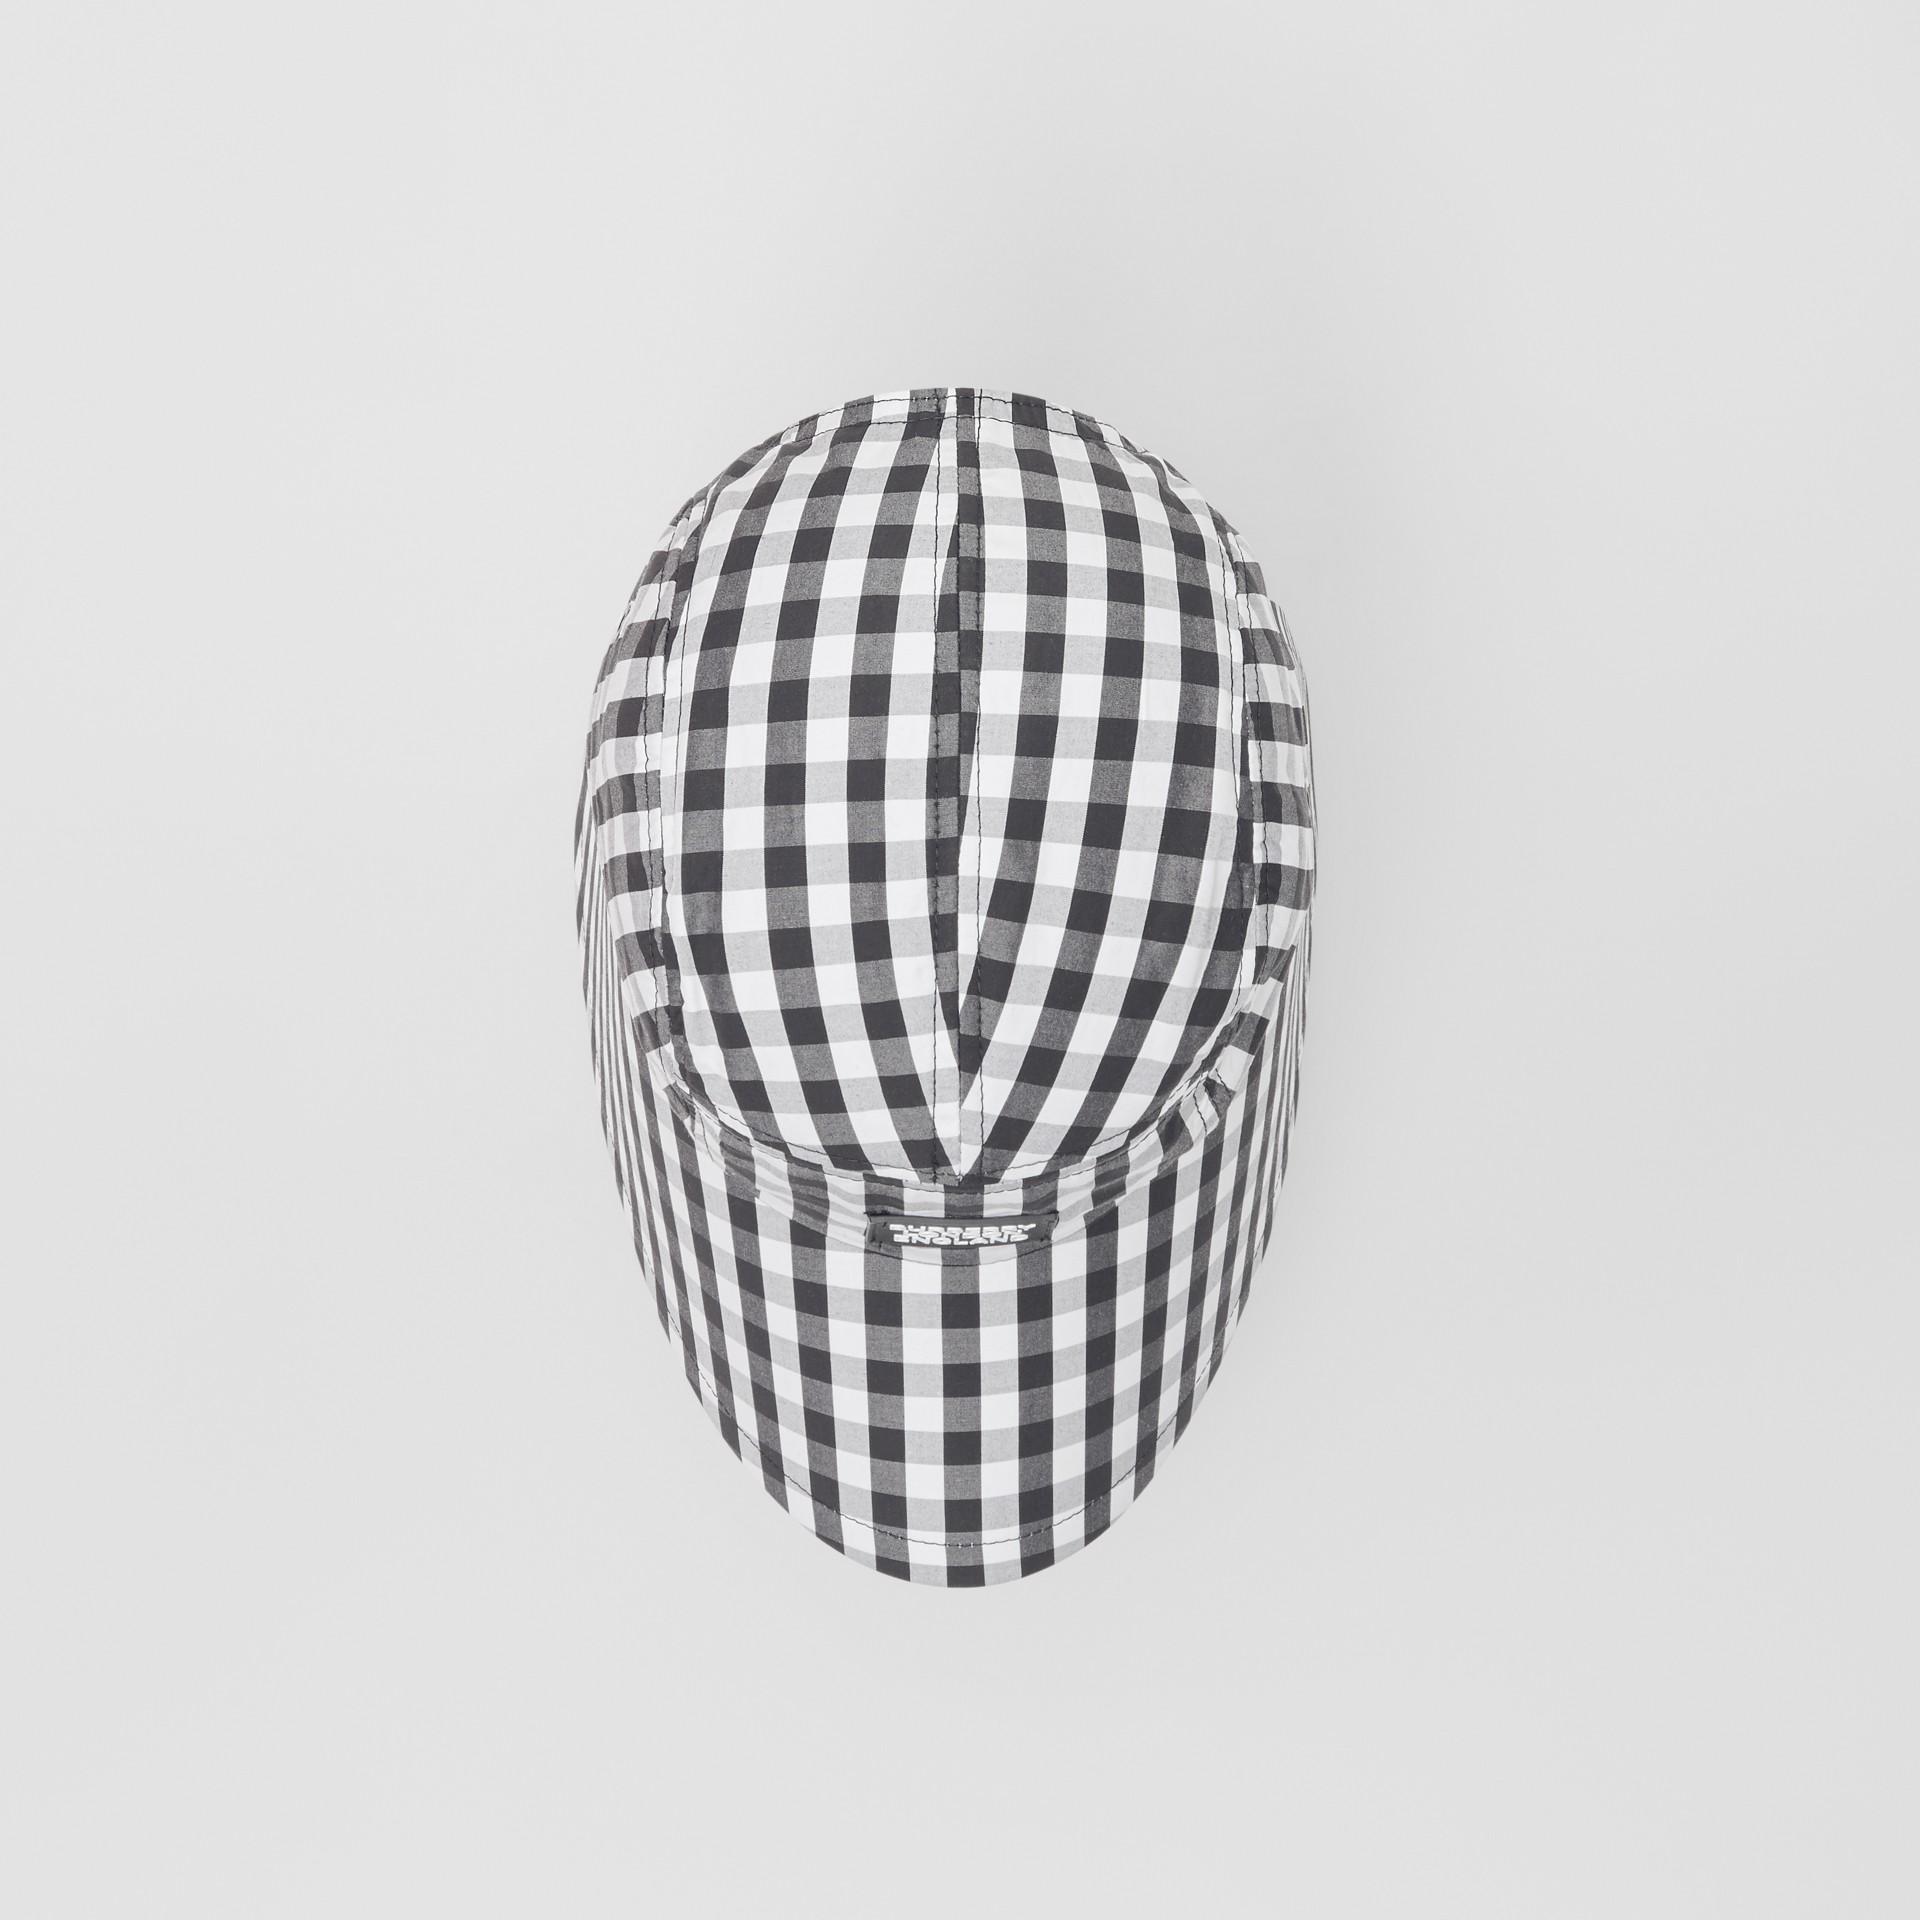 Logo Appliqué Gingham Cotton Bonnet Cap in Black/white | Burberry - gallery image 4